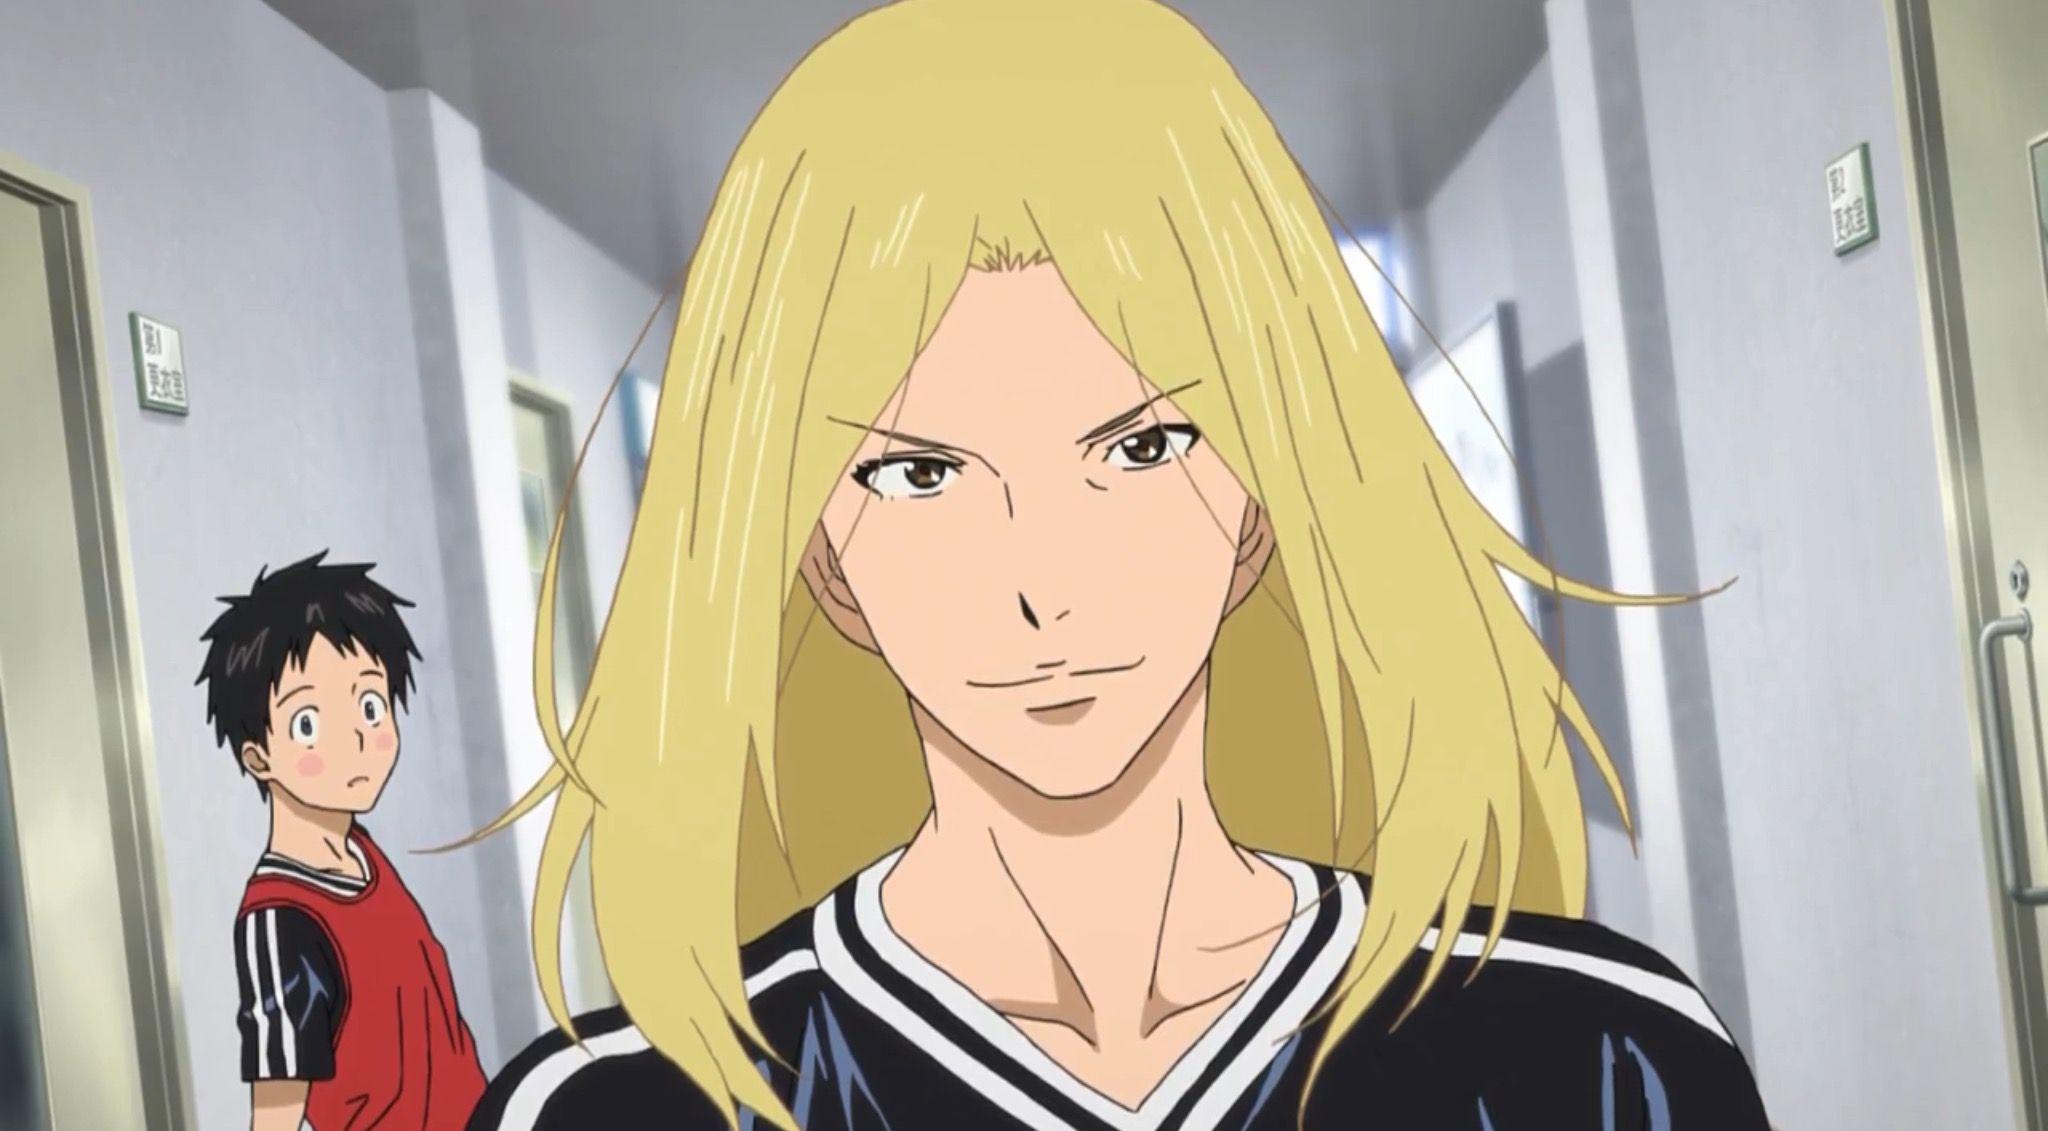 Kazama Jin Days (TV) days socceranime Anime